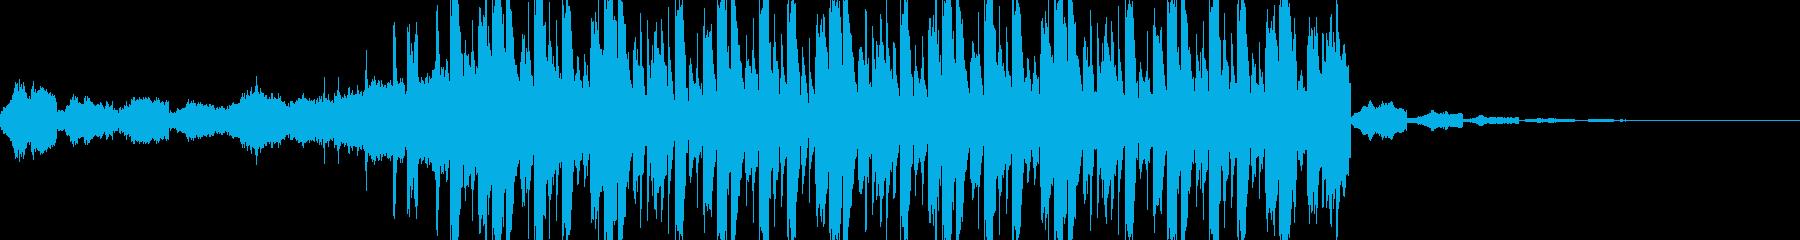 ダブステップ 未来 ベース ポジテ...の再生済みの波形